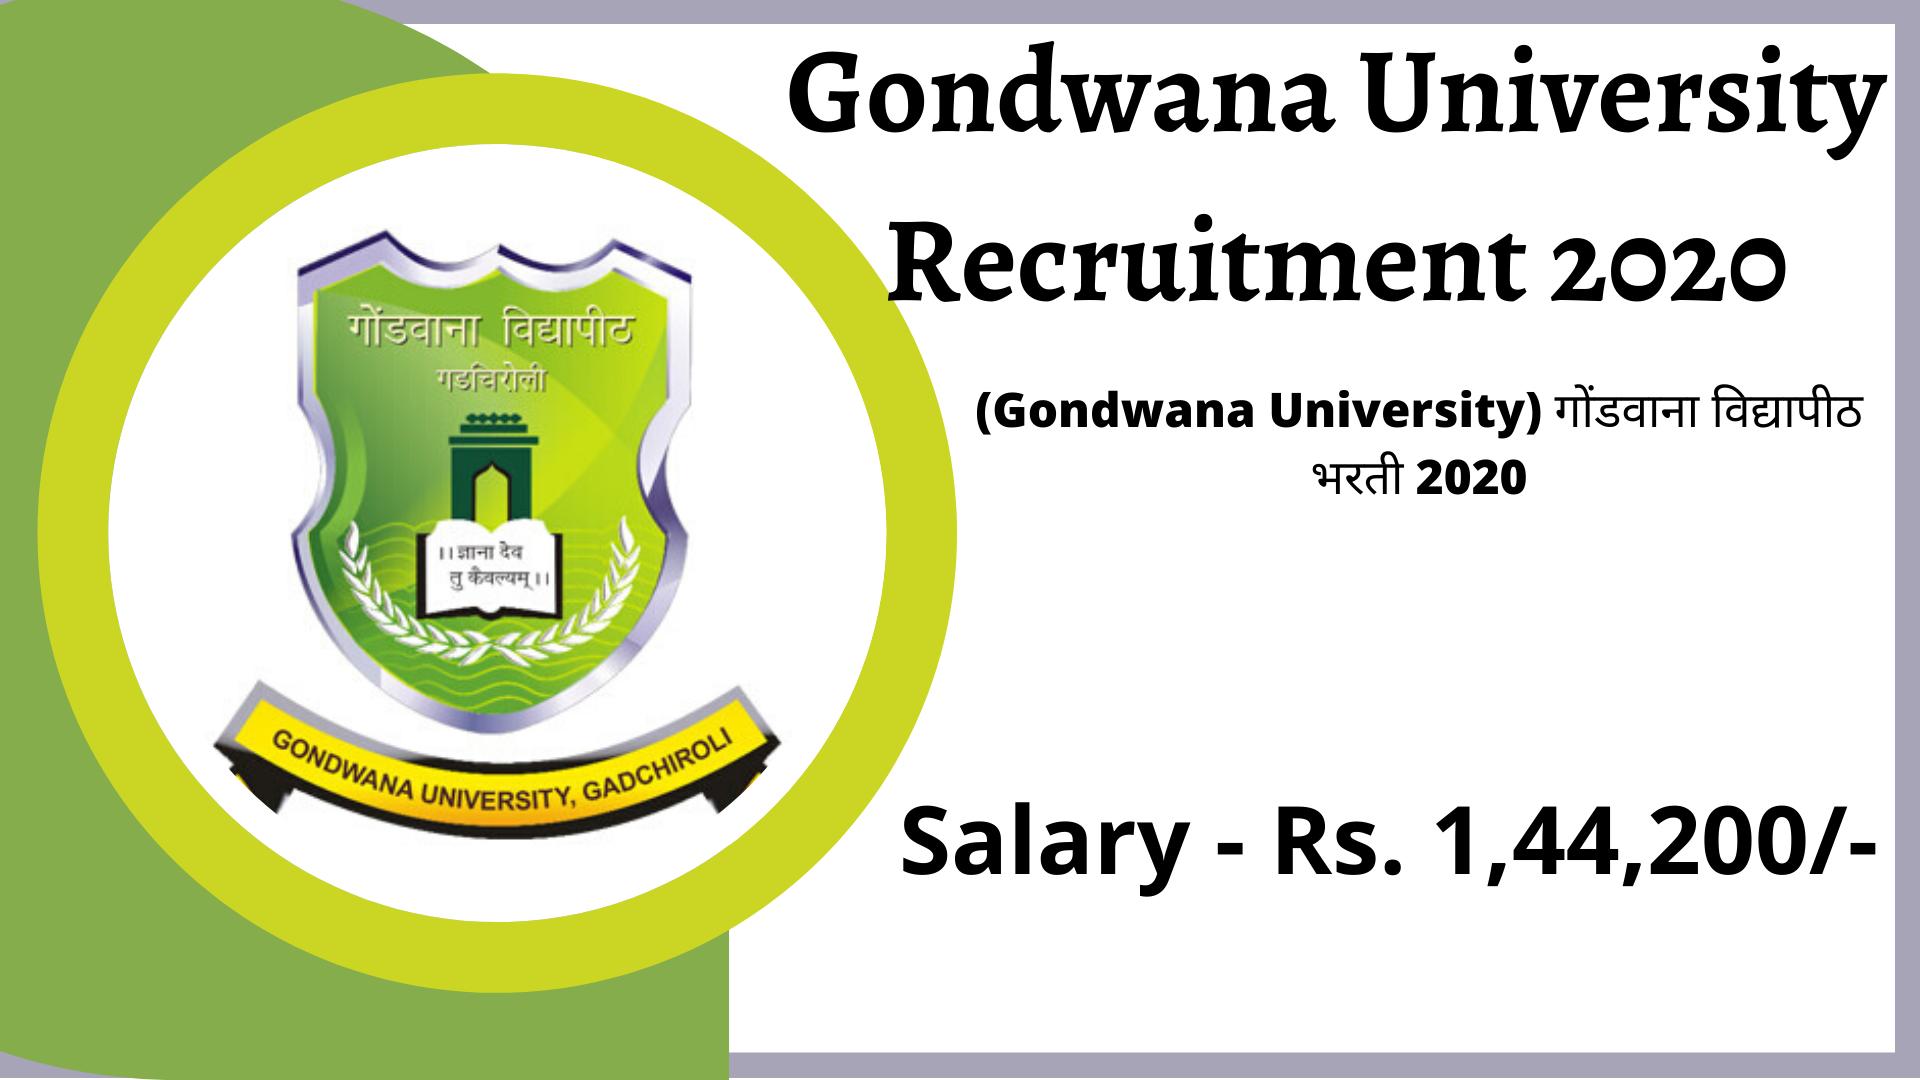 Gondwana University Recruitment 2020 -gondwana university vacancy 2020